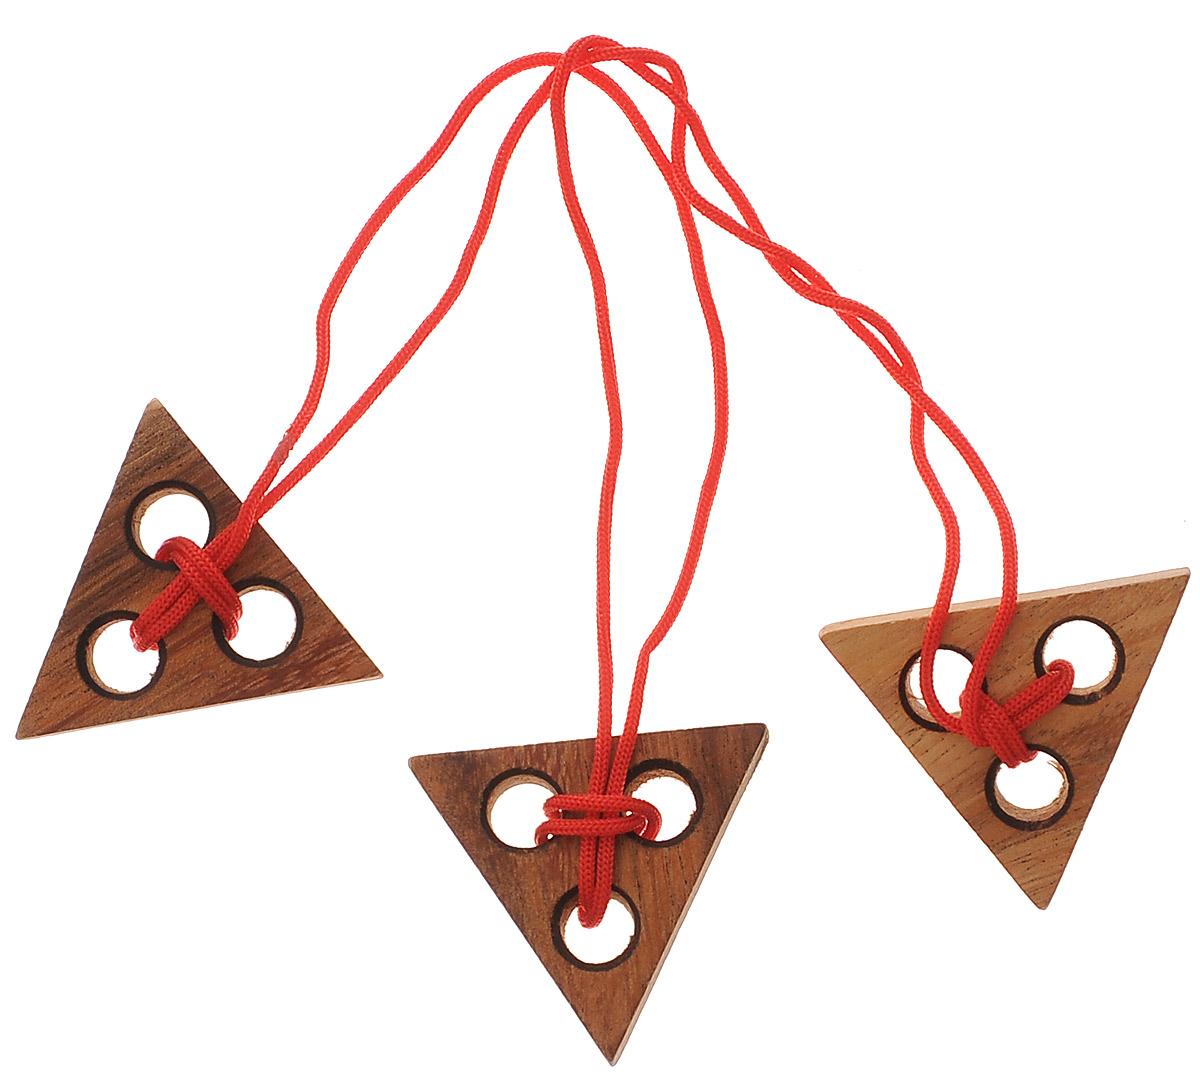 Dilemma Головоломка Три треугольникаIQ861Головоломка Dilemma Три треугольника, выполненная из дерева, станет отличным подарком всем любителям головоломок! Головоломка предусмотрена для одного игрока. Цель: освободить средний треугольник от веревки. Использование ножниц запрещено. Подсказка: не перекручивайте веревку. Получилось? Попробуйте завязать ее обратно. Слишком сложно? Воспользуйтесь подсказкой из предложенного решения. Головоломка Dilemma Три треугольника стимулирует логику, пространственное мышление и мелкую моторику рук.